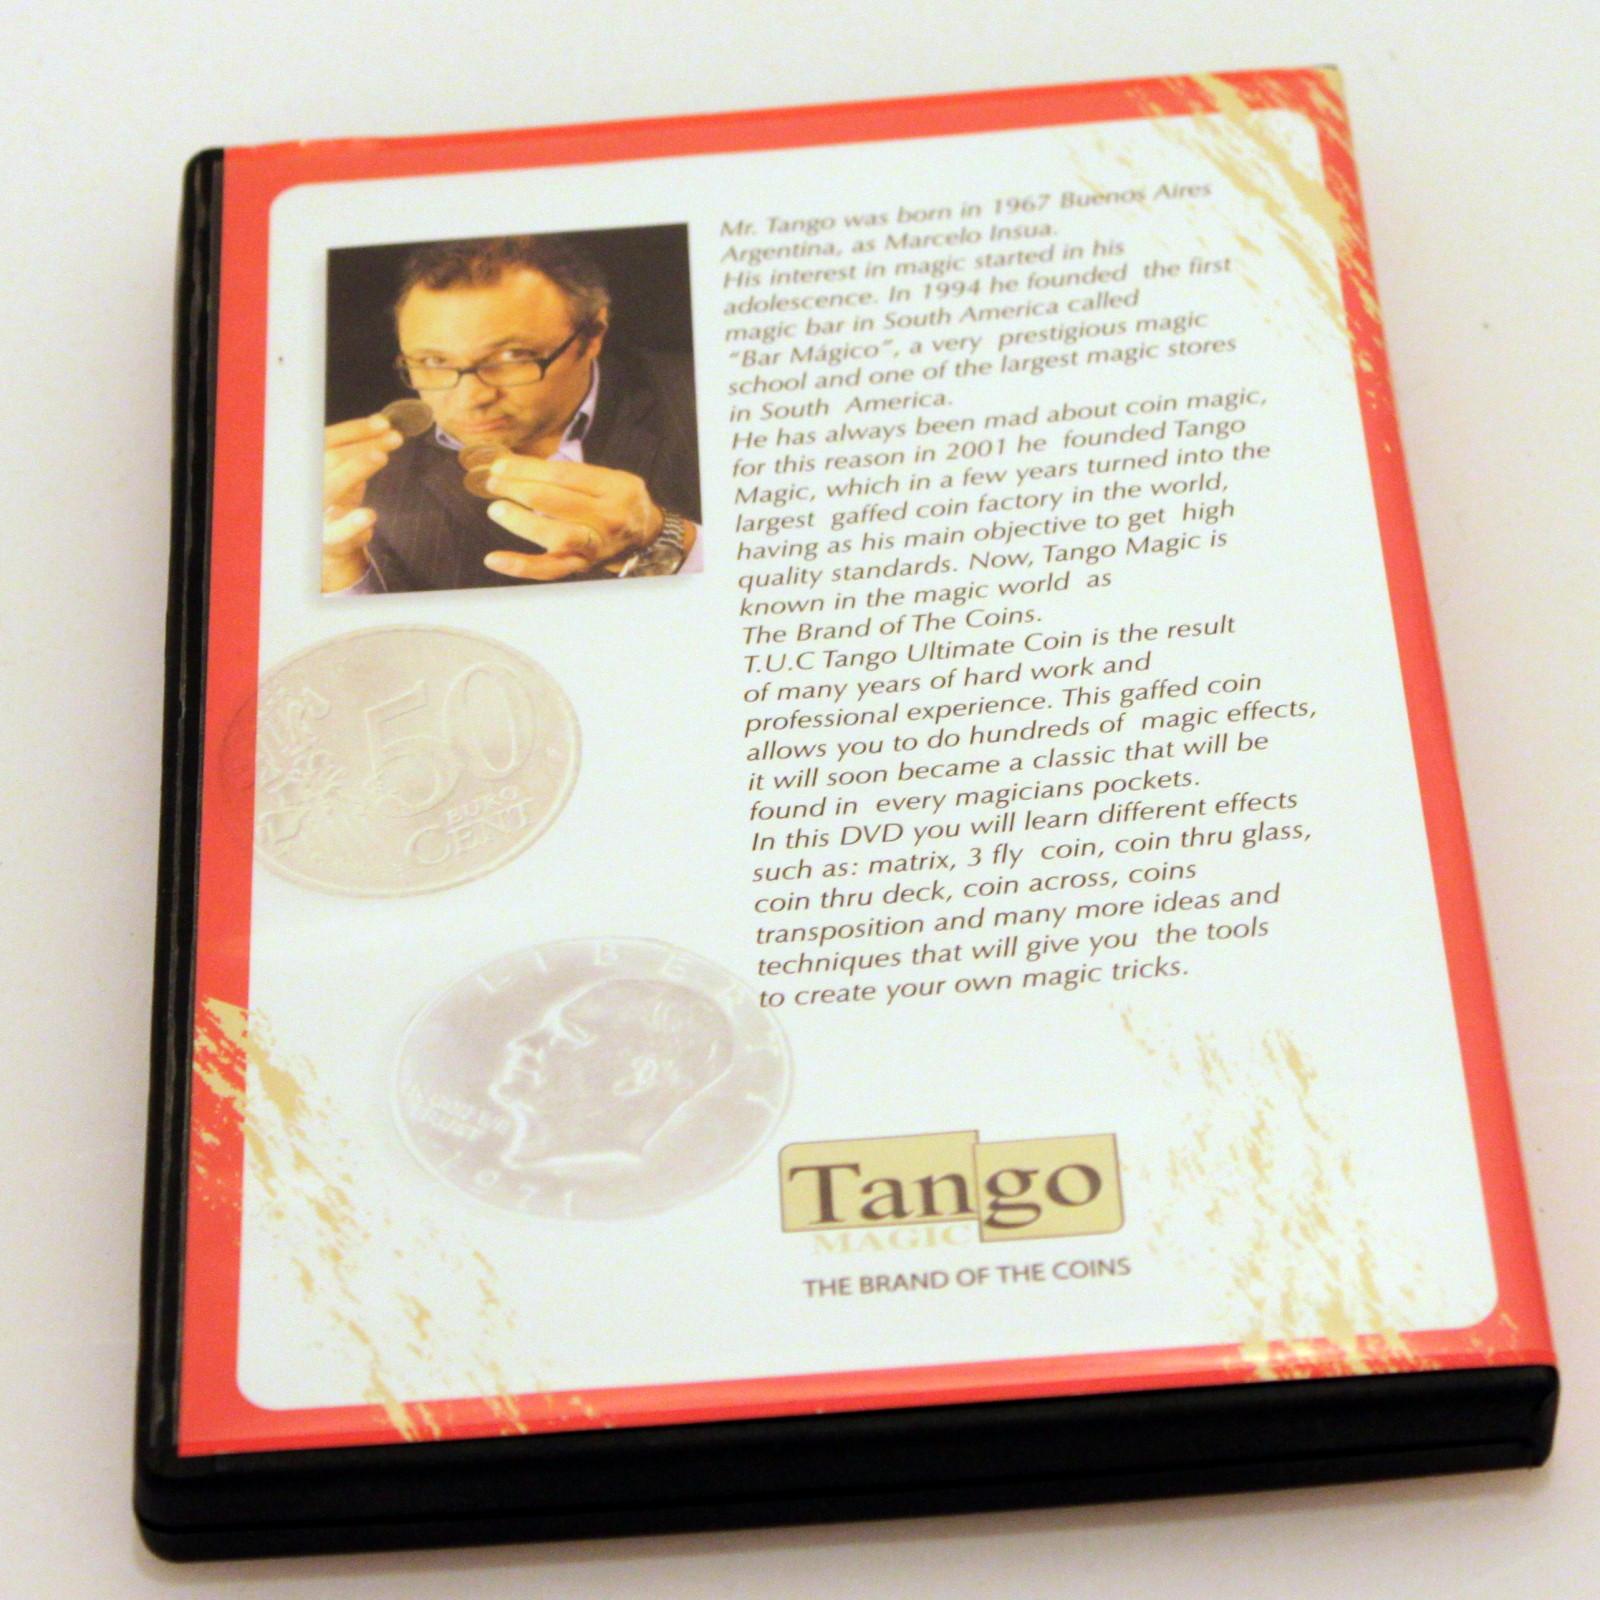 Tango Ultimate Coin - Half Dollar by Tango Magic